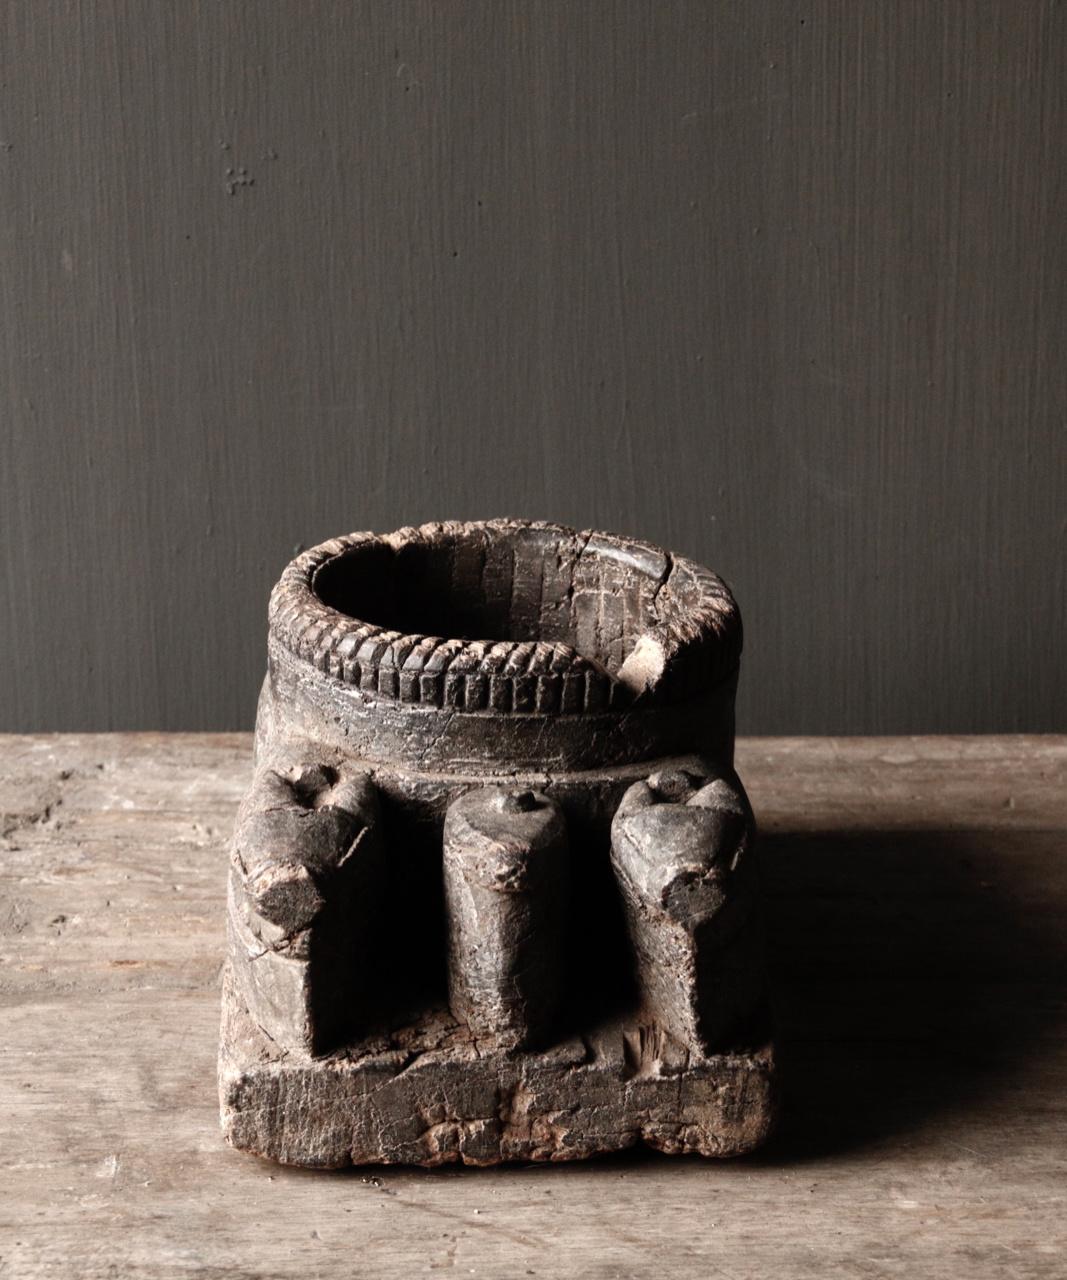 Alter hölzerner Kerzenhalter von der alten Verzierung mit geschnitzten heiligen Kühen-3